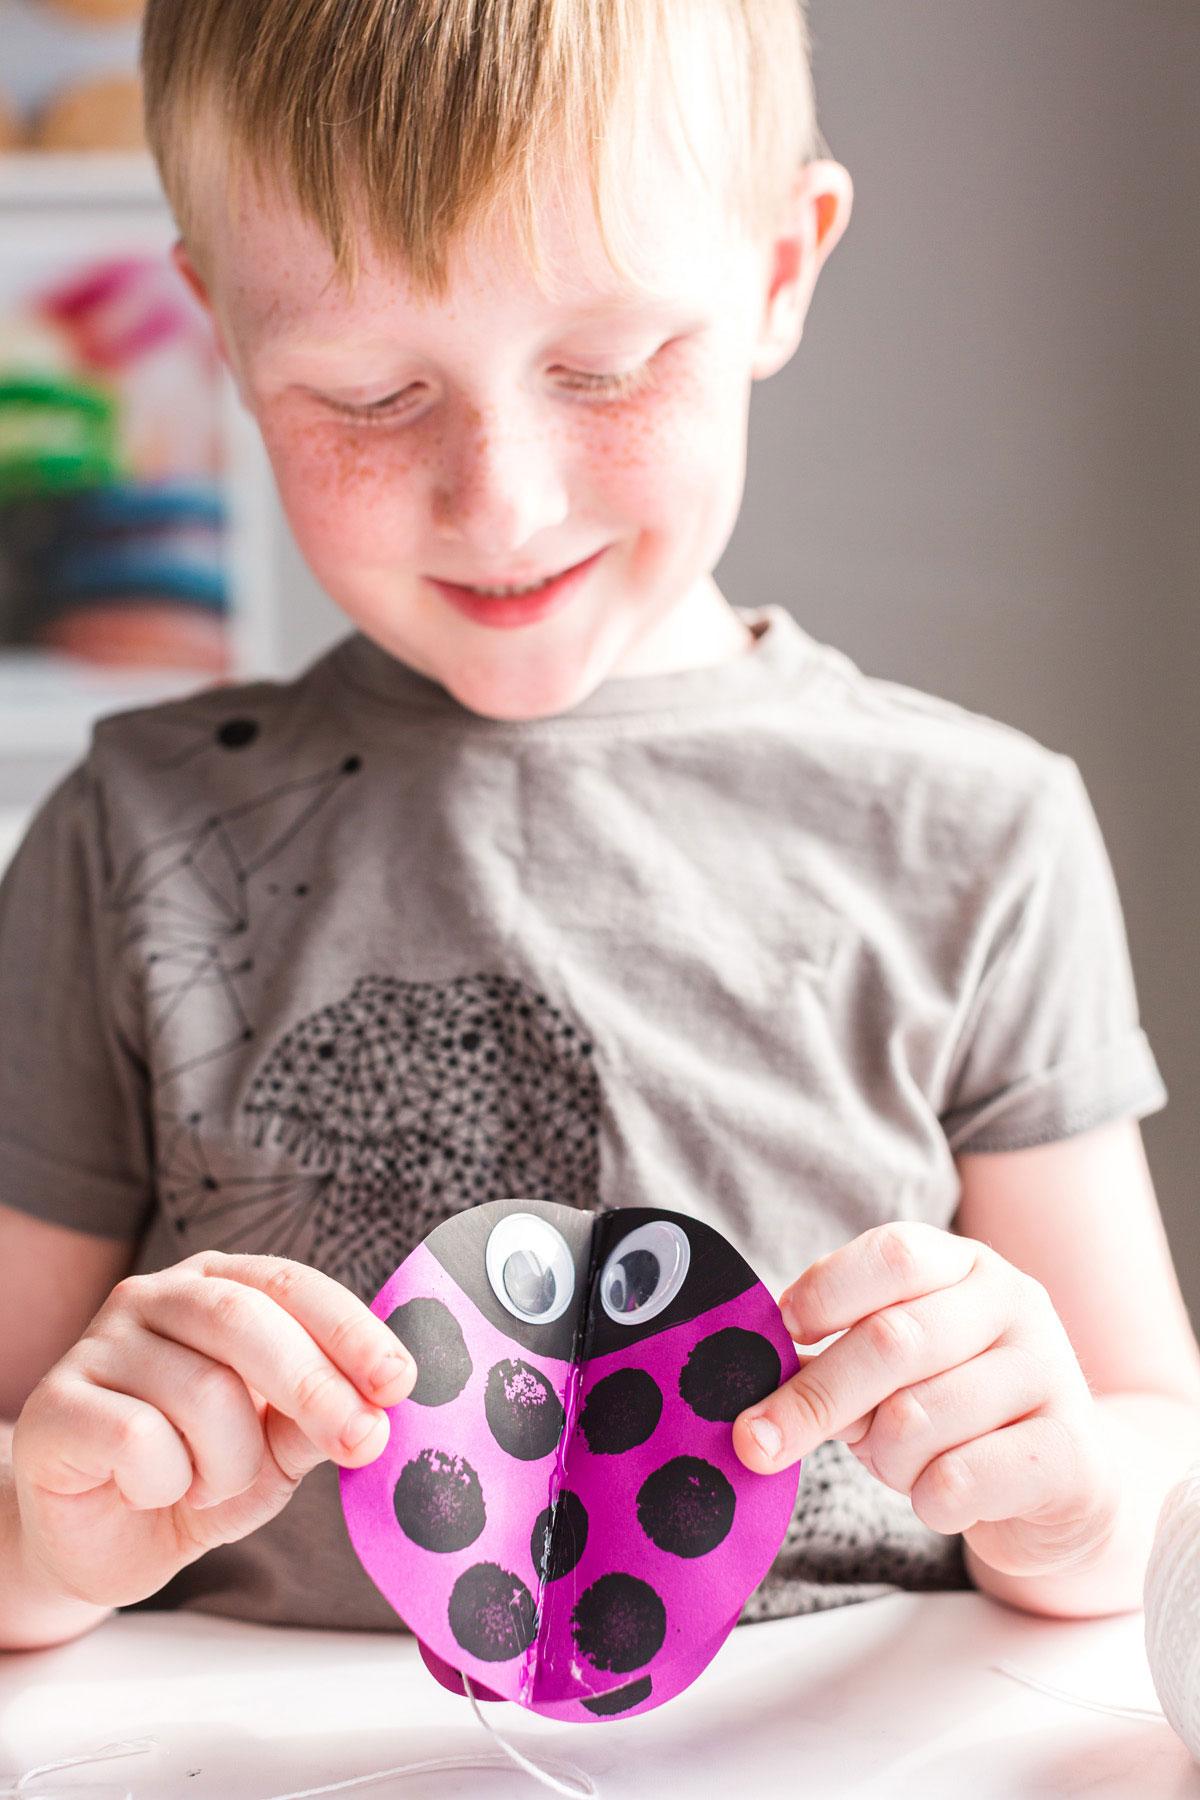 child holding twirling paper ladybug